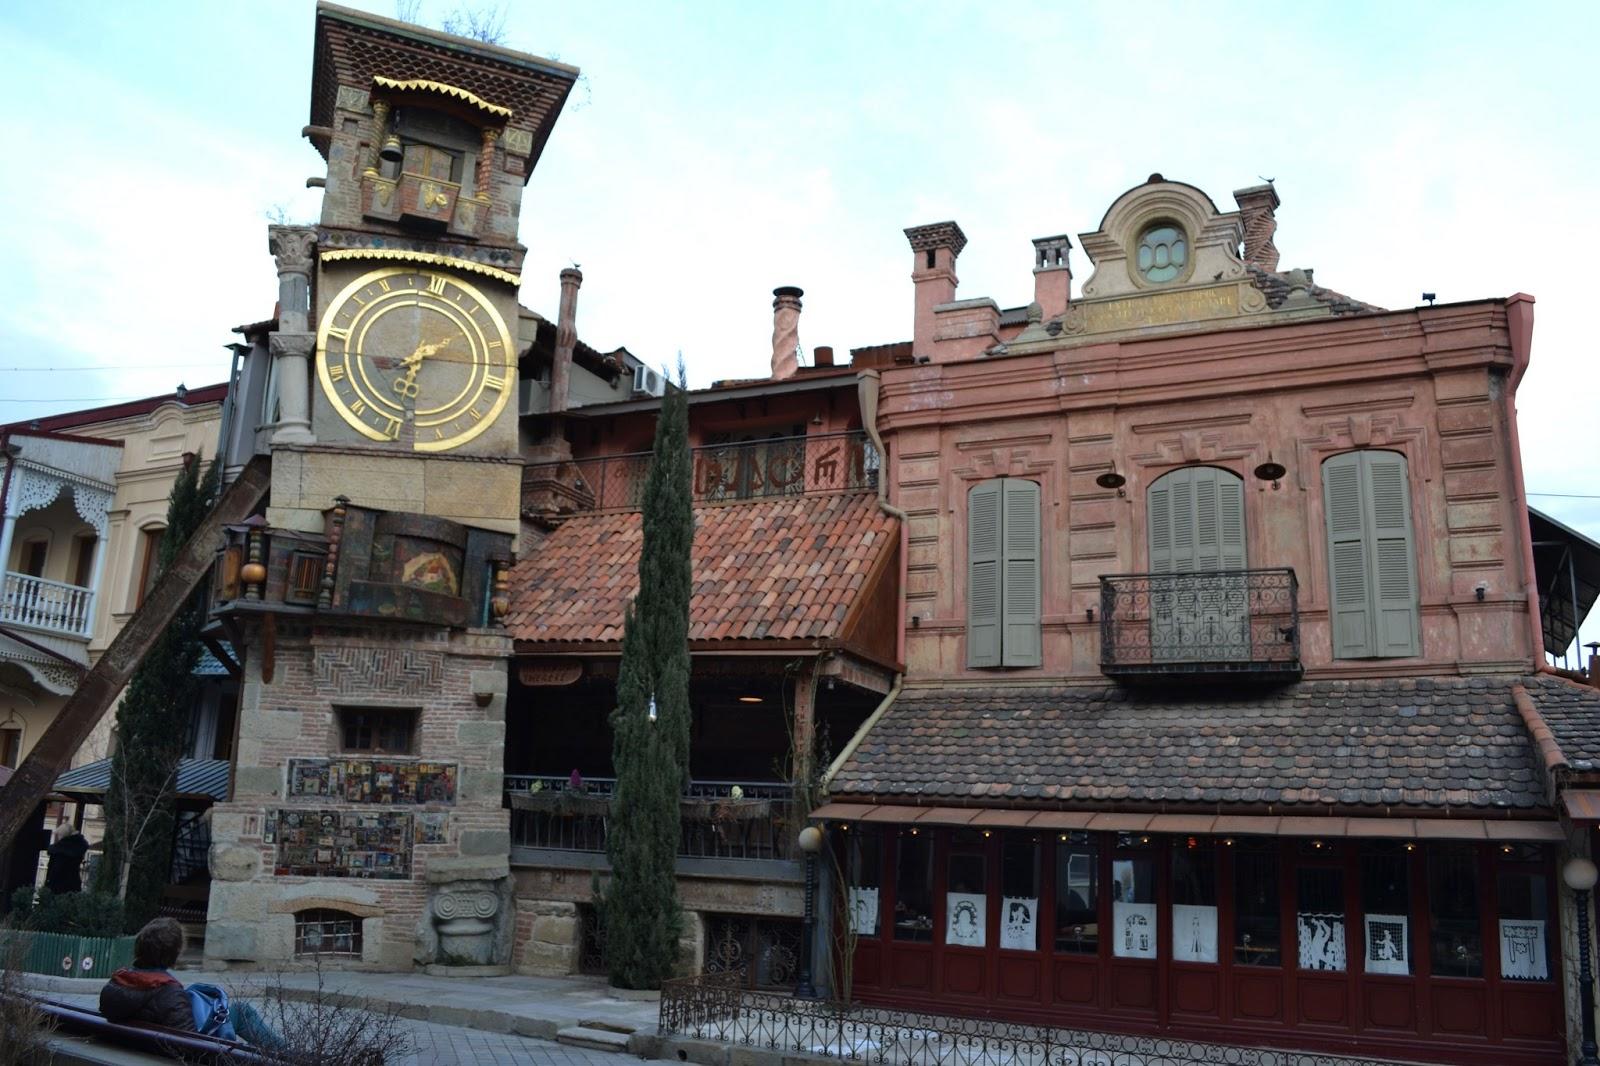 Пройдем к уникальной часовой башне Театра Кукол Резо Габриадзе.-ის სურათის შედეგი